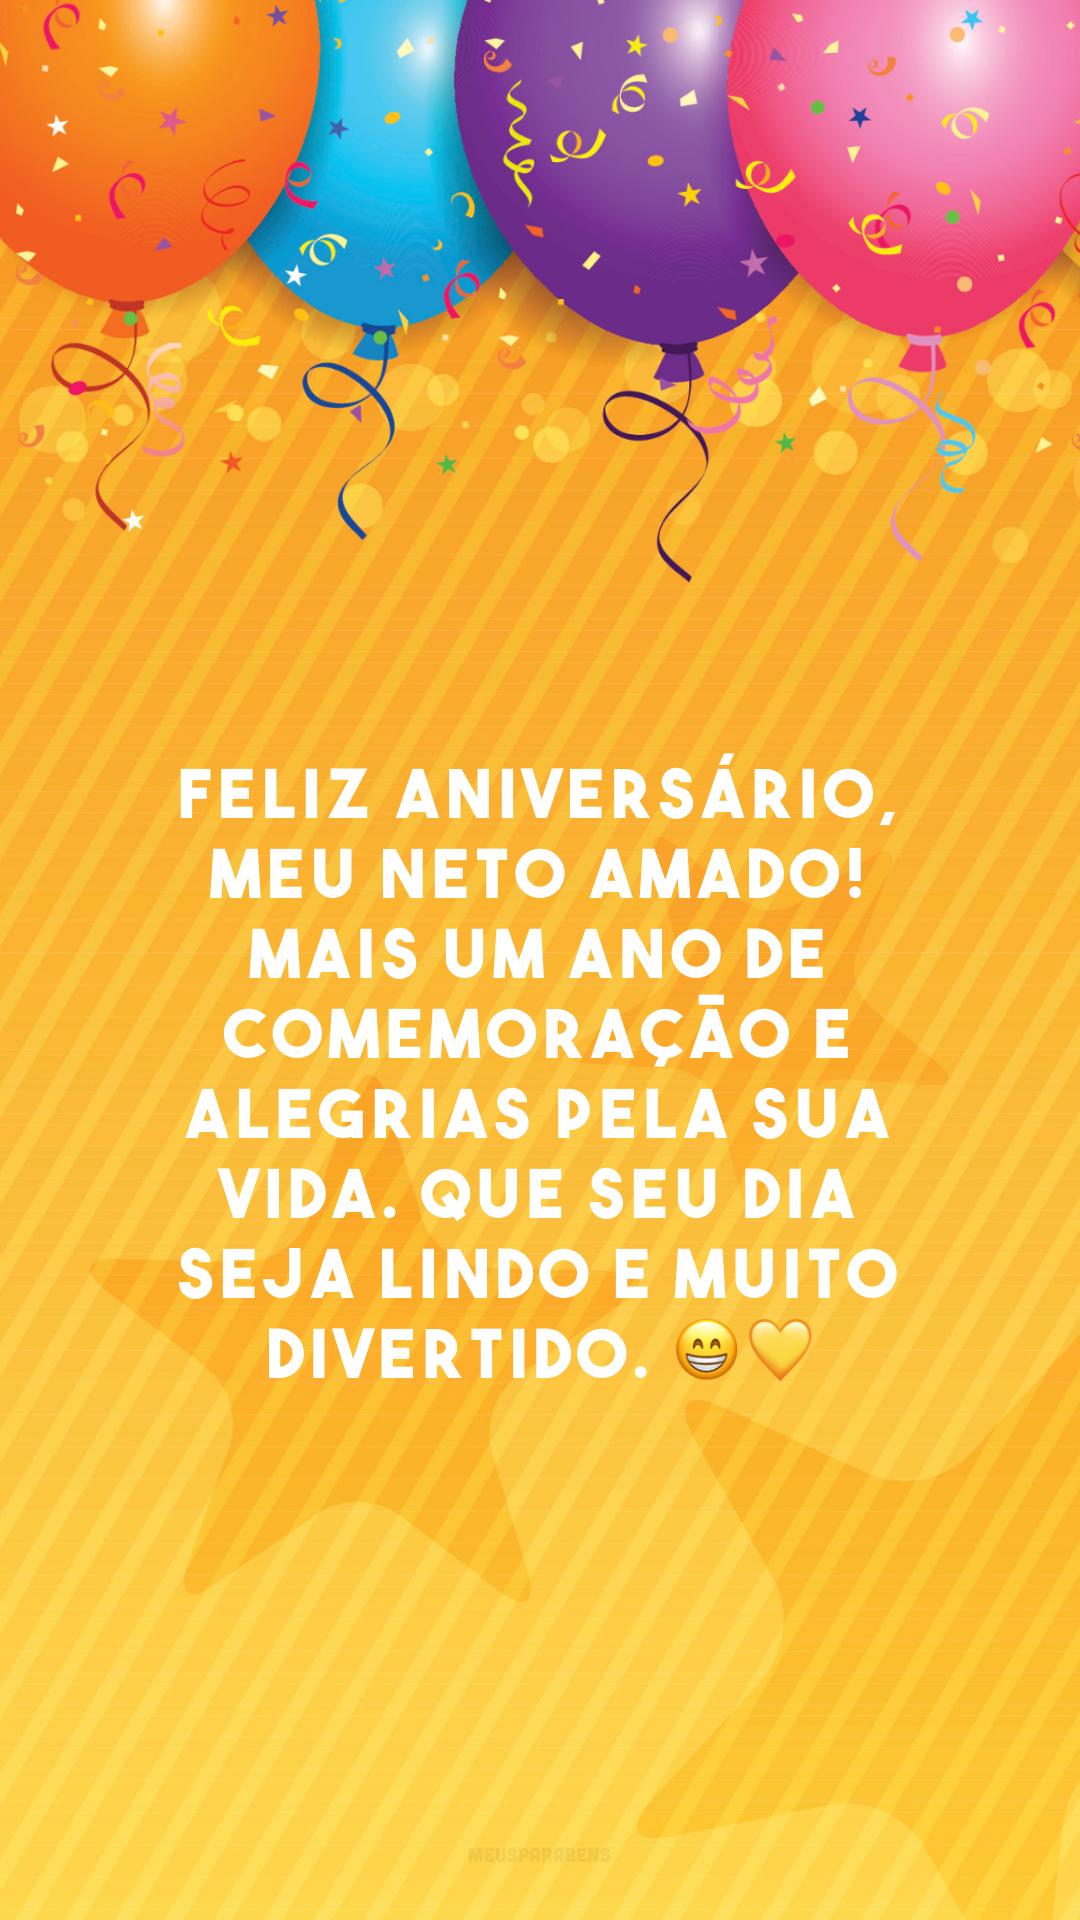 Feliz aniversário, meu neto amado! Mais um ano de comemoração e alegrias pela sua vida. Que seu dia seja lindo e muito divertido. 😁💛